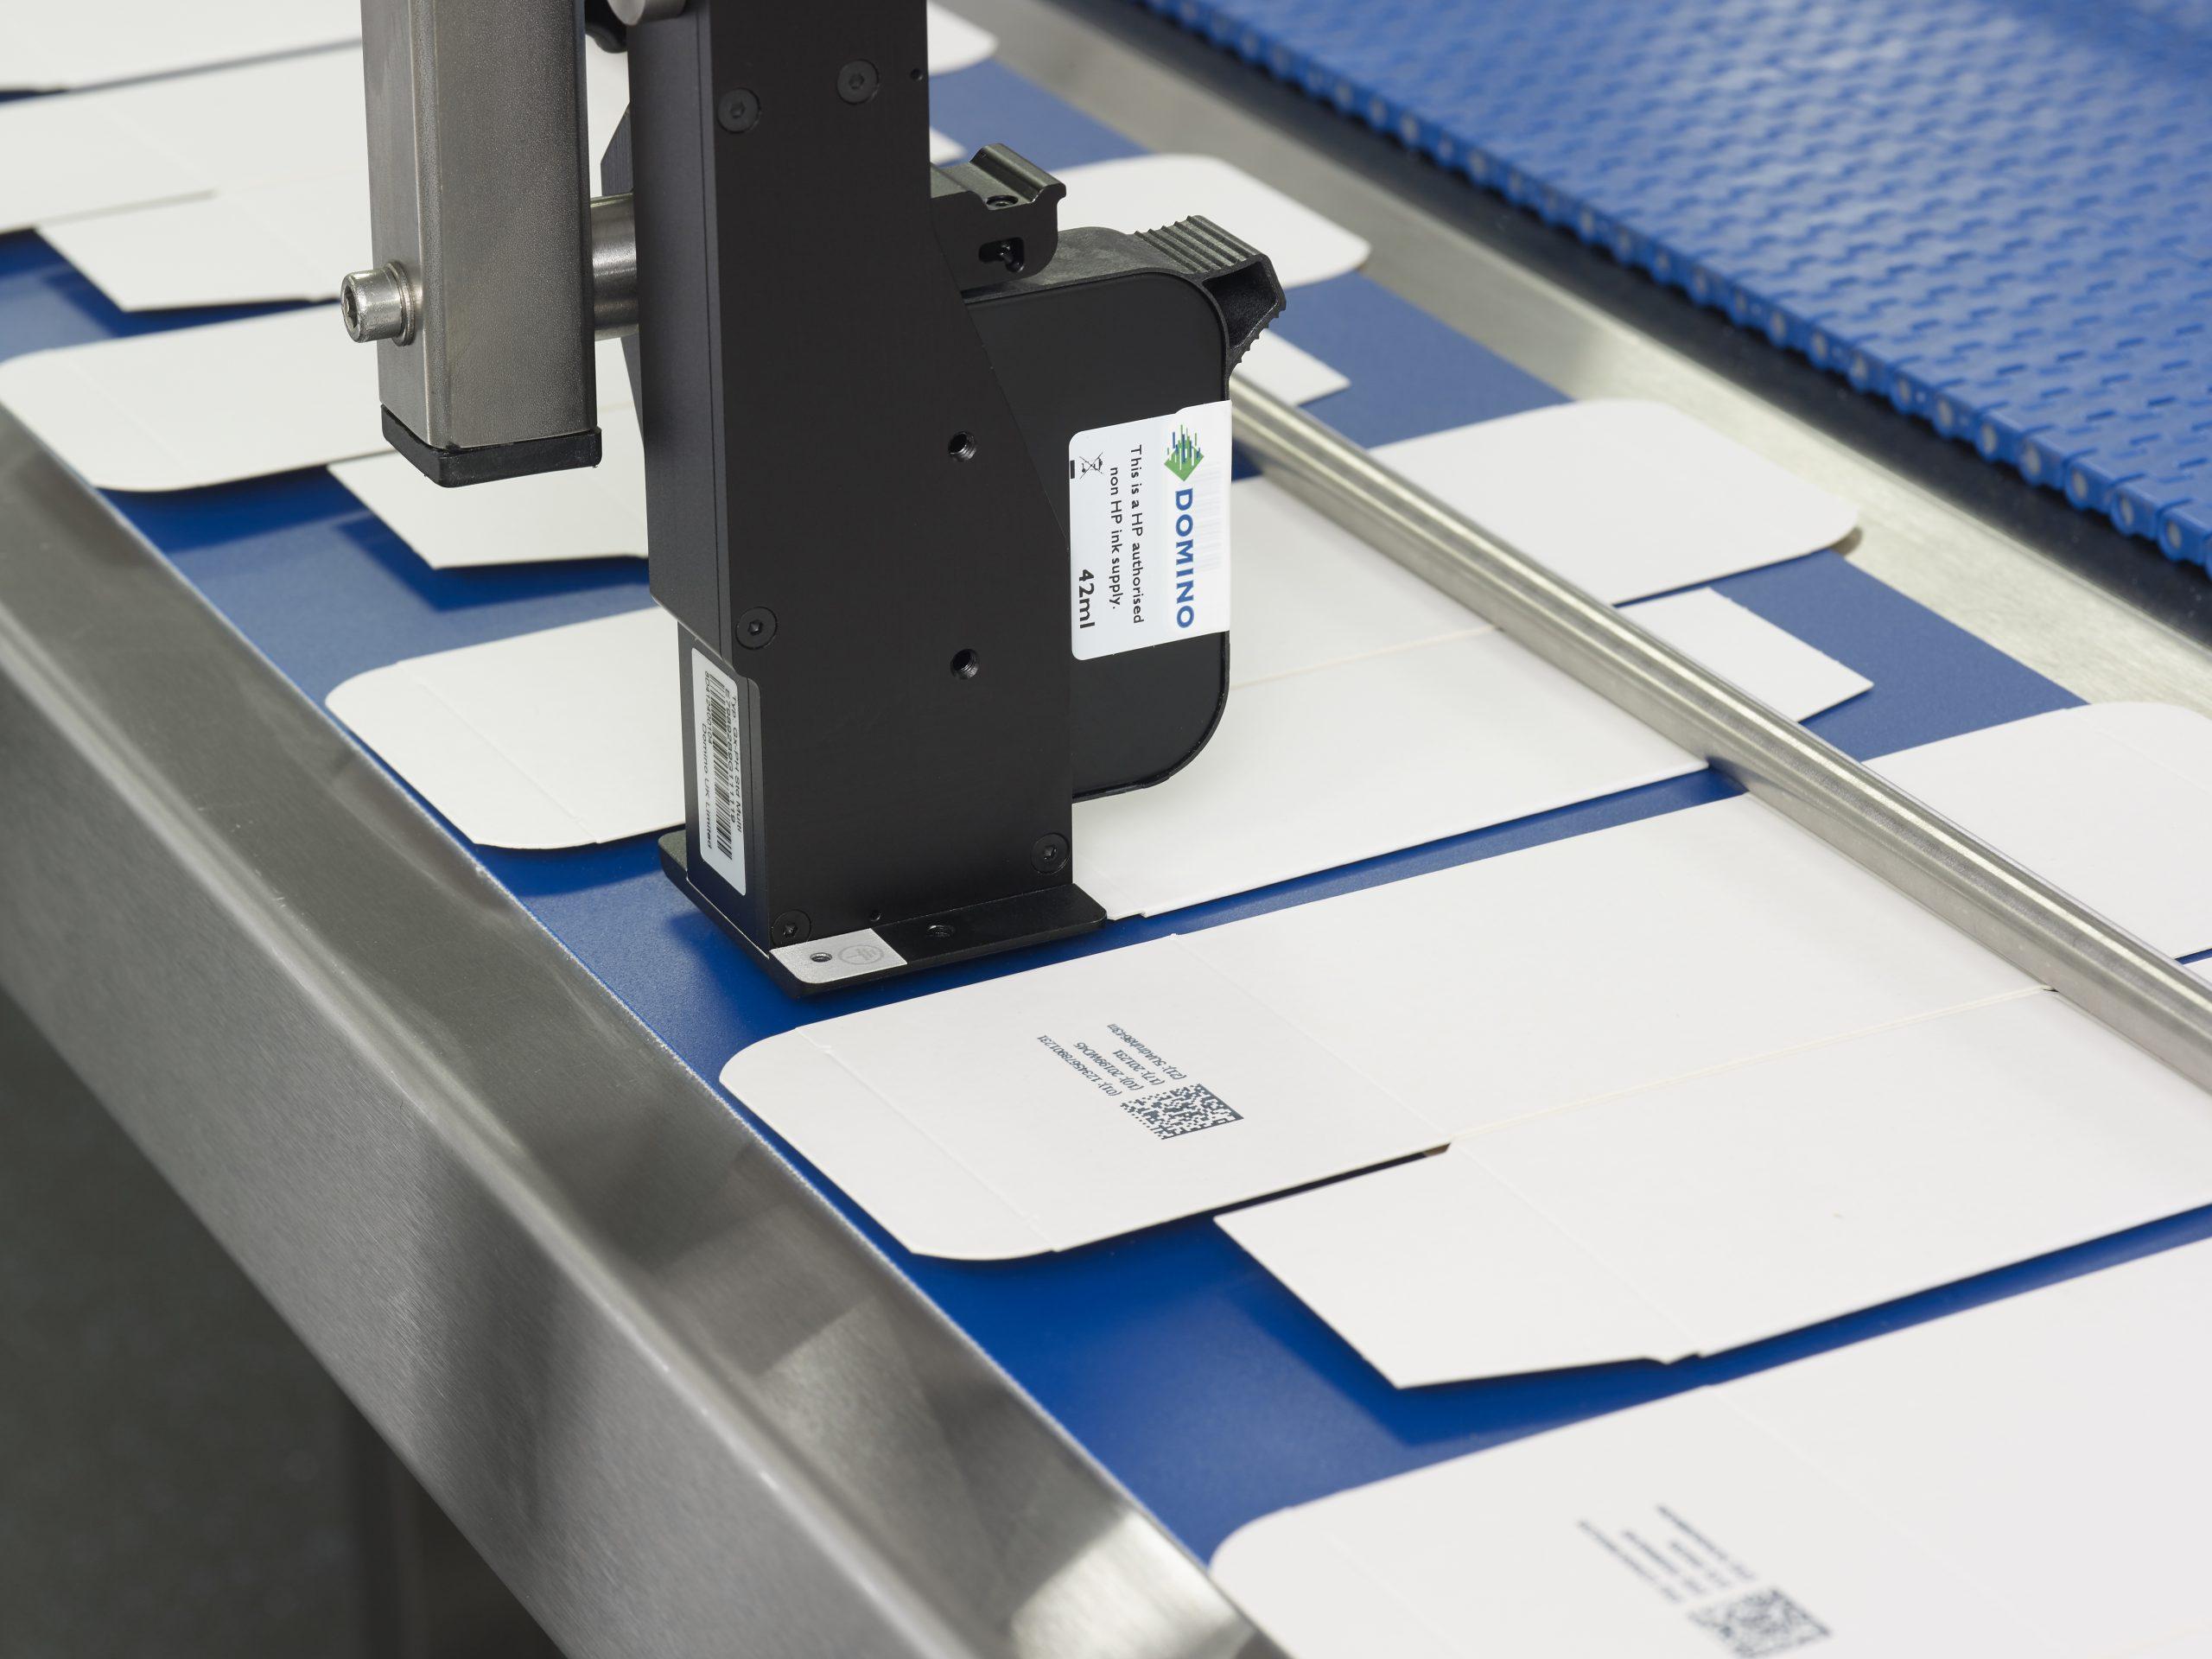 Cabeça de impressão Gx-Series em embalagem farmacêutica_01